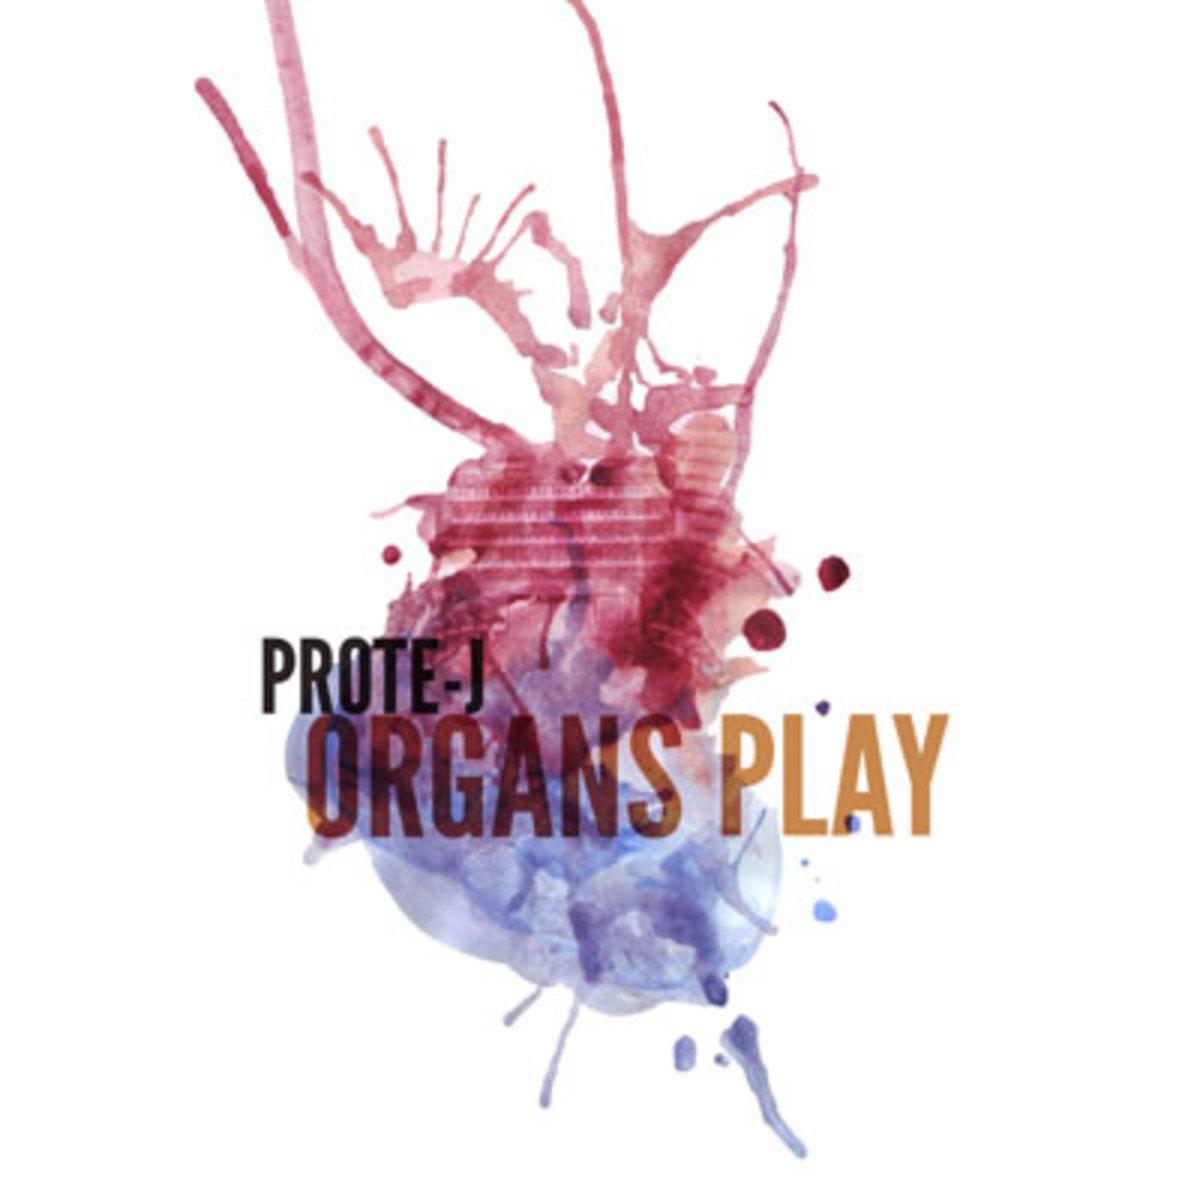 protej-organsplay.jpg